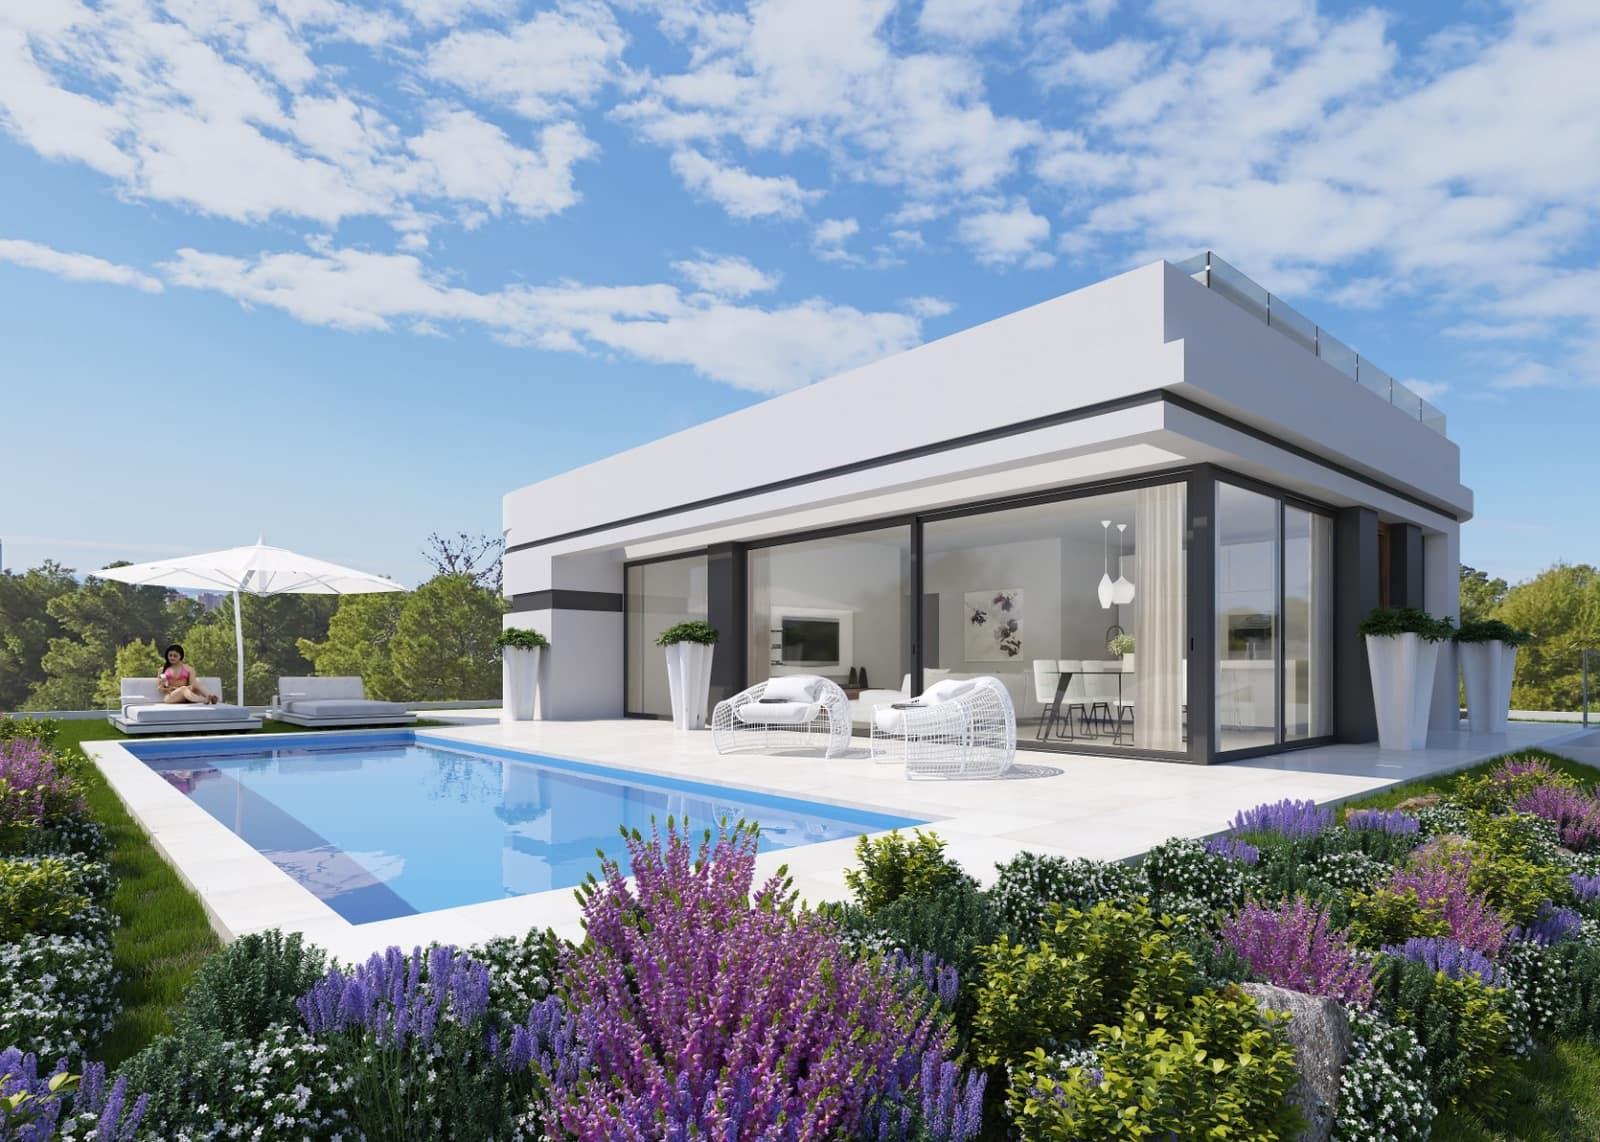 Chalet de 4 habitaciones en Polop en venta con piscina - 385.000 € (Ref: 4766439)